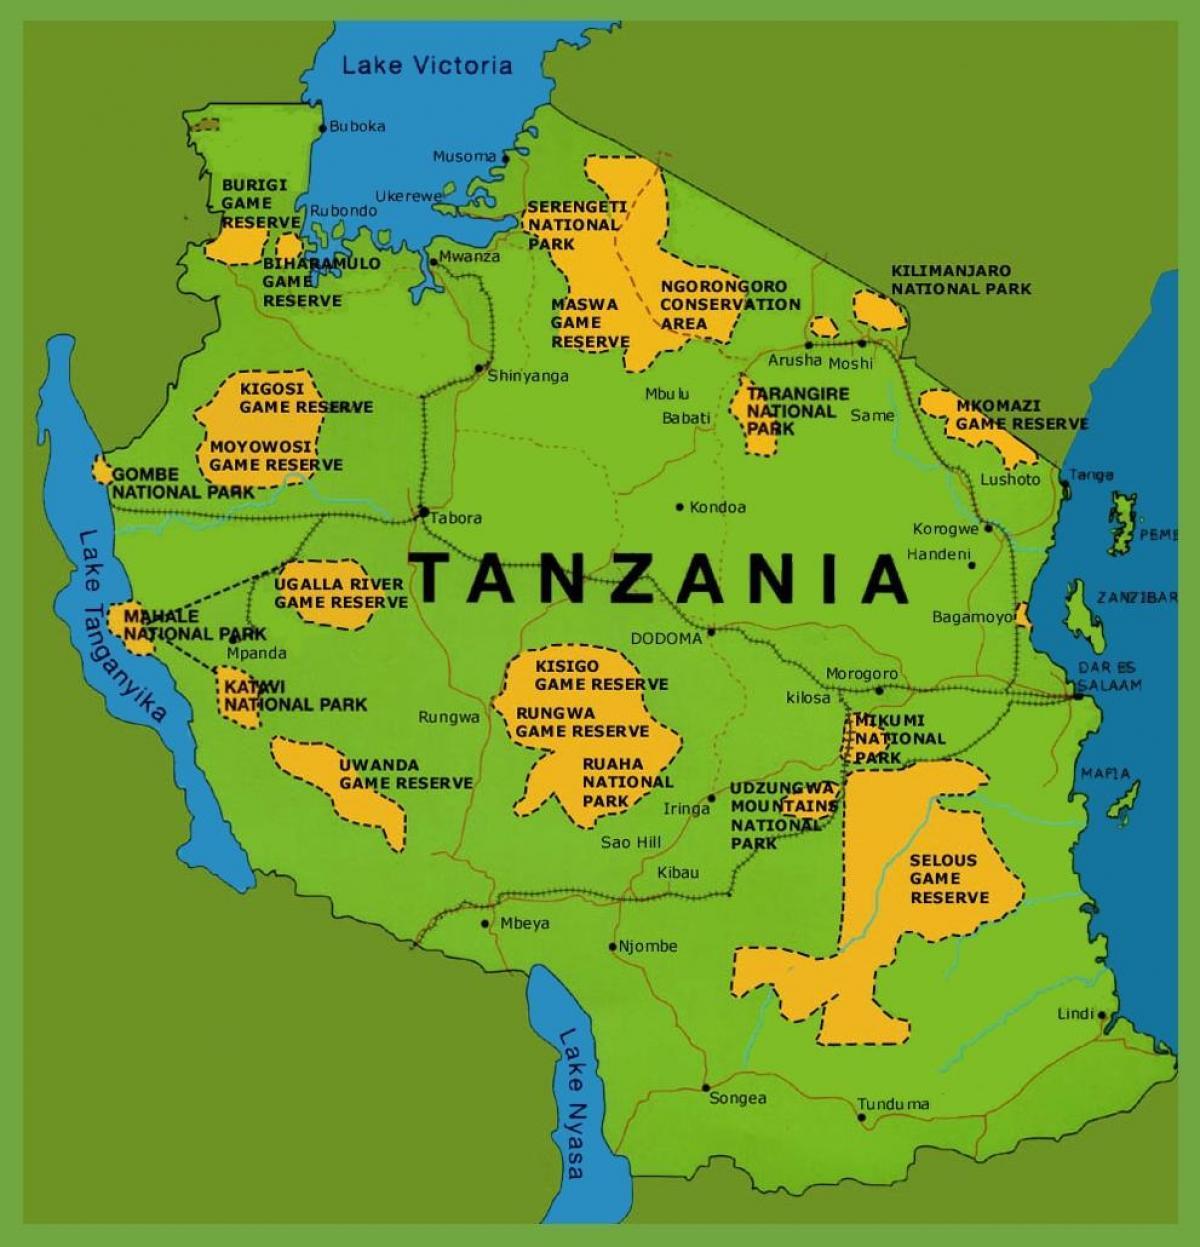 Karte Anzeigen.Tansania Karte Eine Karte Von Tansania Ost Afrika Afrika